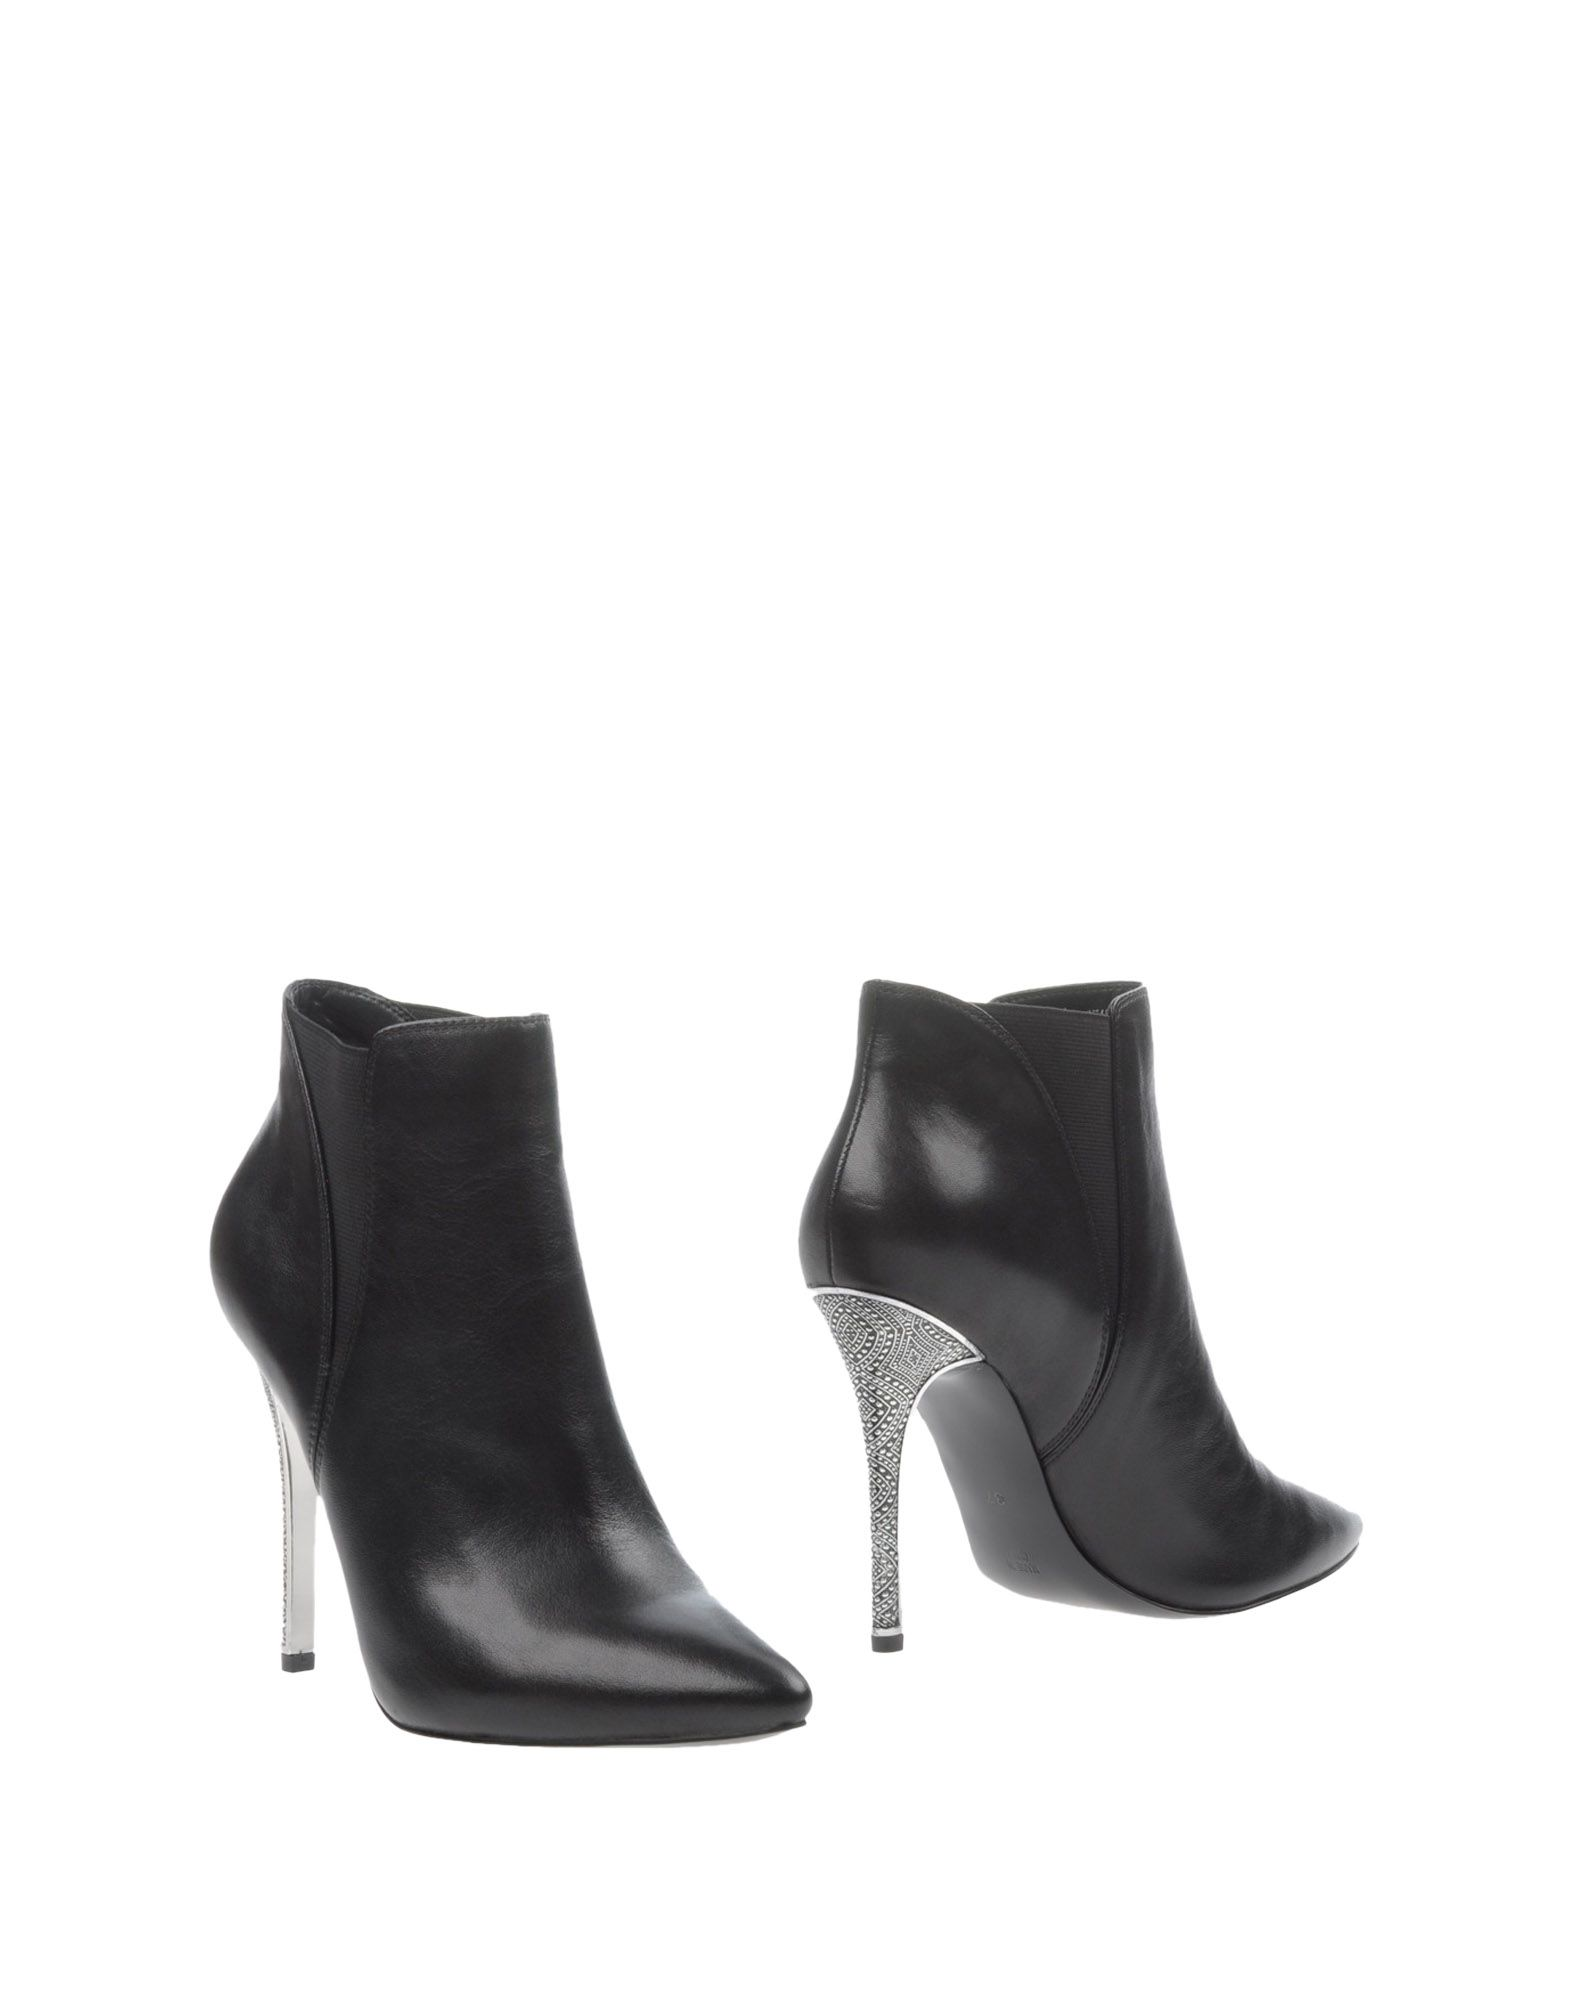 Bottine Tosca Blu Shoes Femme - Bottines Tosca Blu Shoes sur